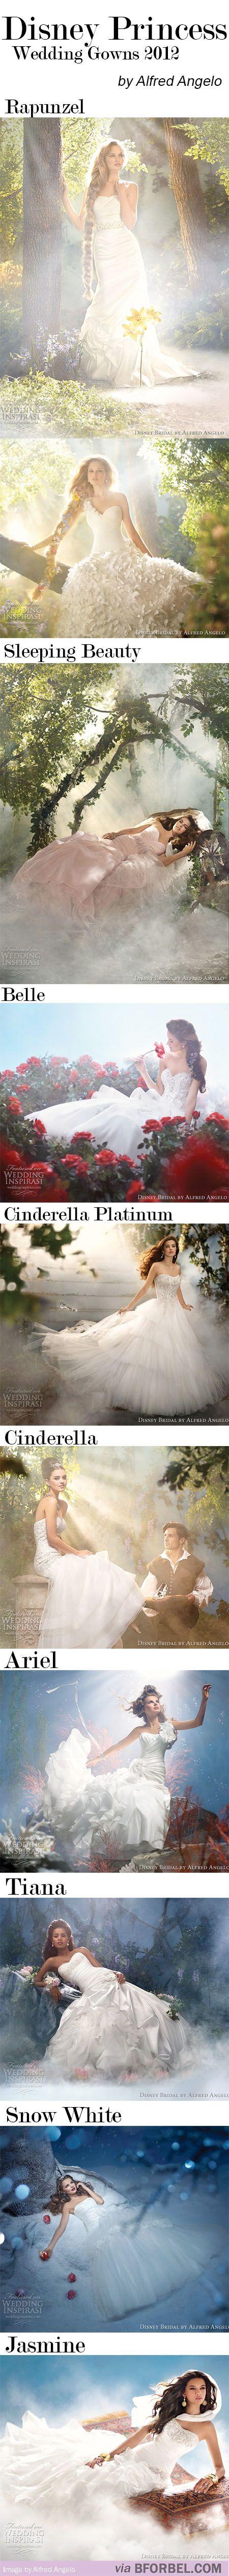 more Disney princesses dresses.